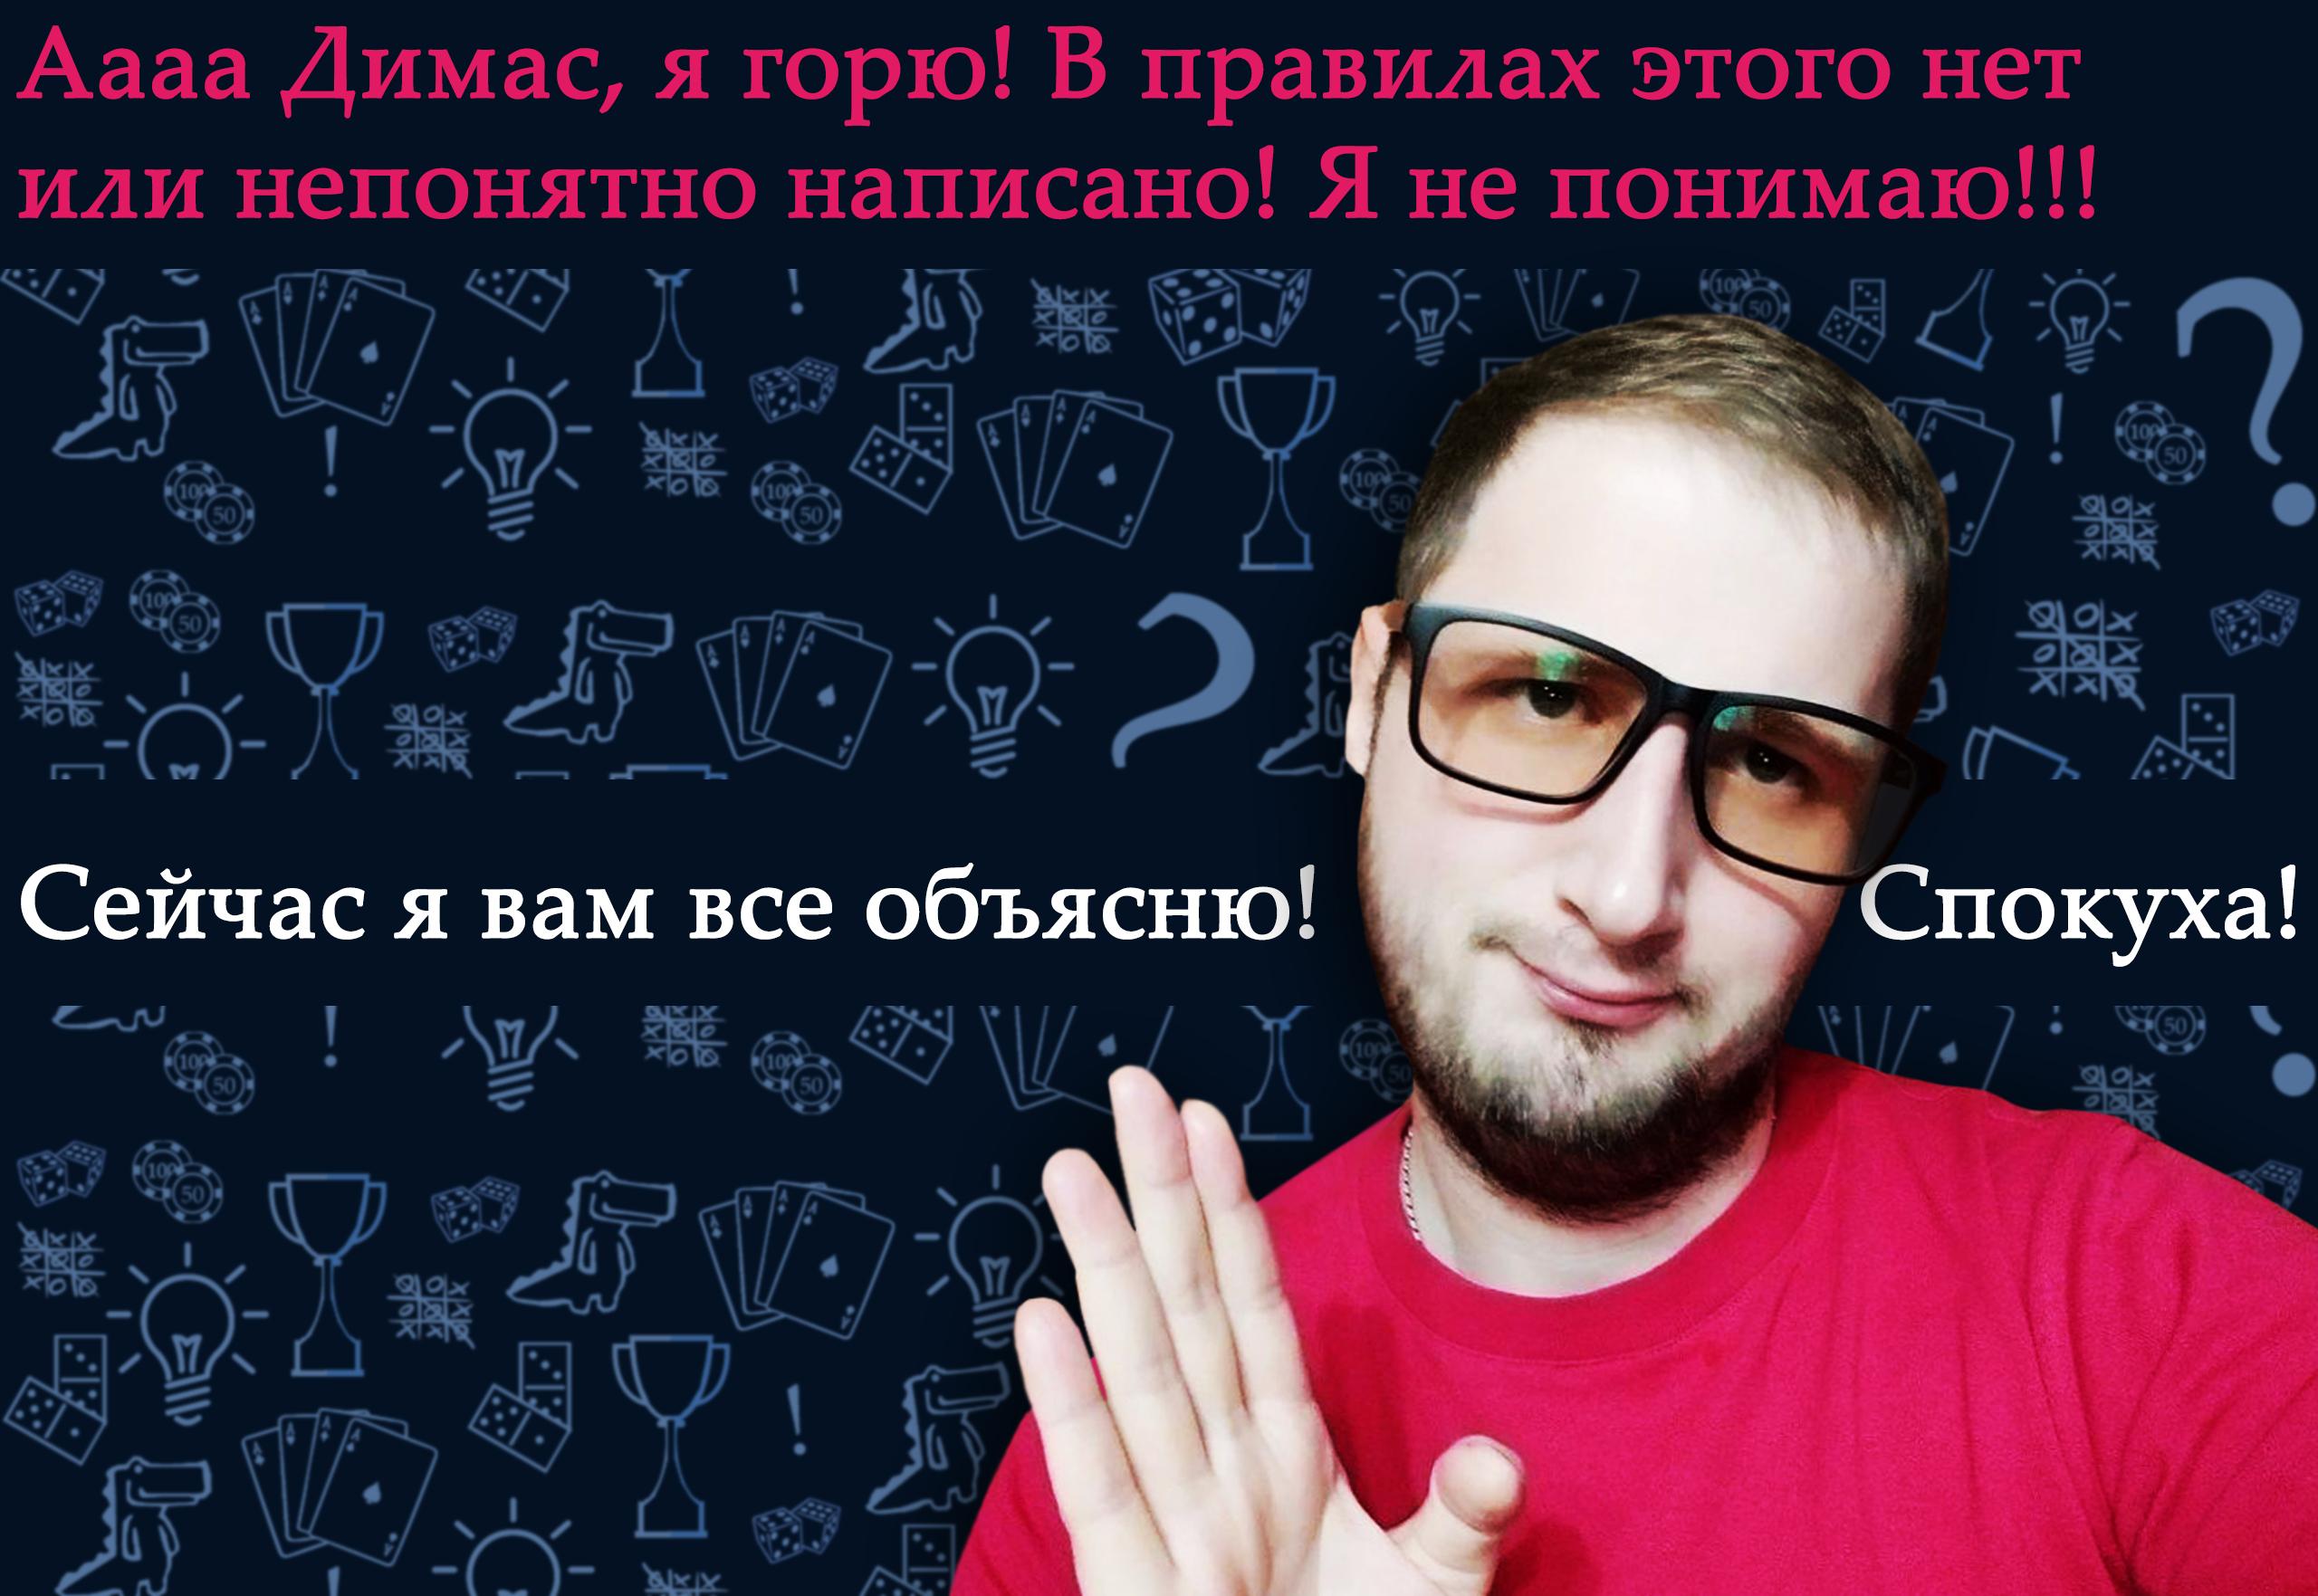 Если вы не поняли правила или там нет того, что ищите - Димасик вам расскажет. (rolethedice.ru Бросьте Кости)